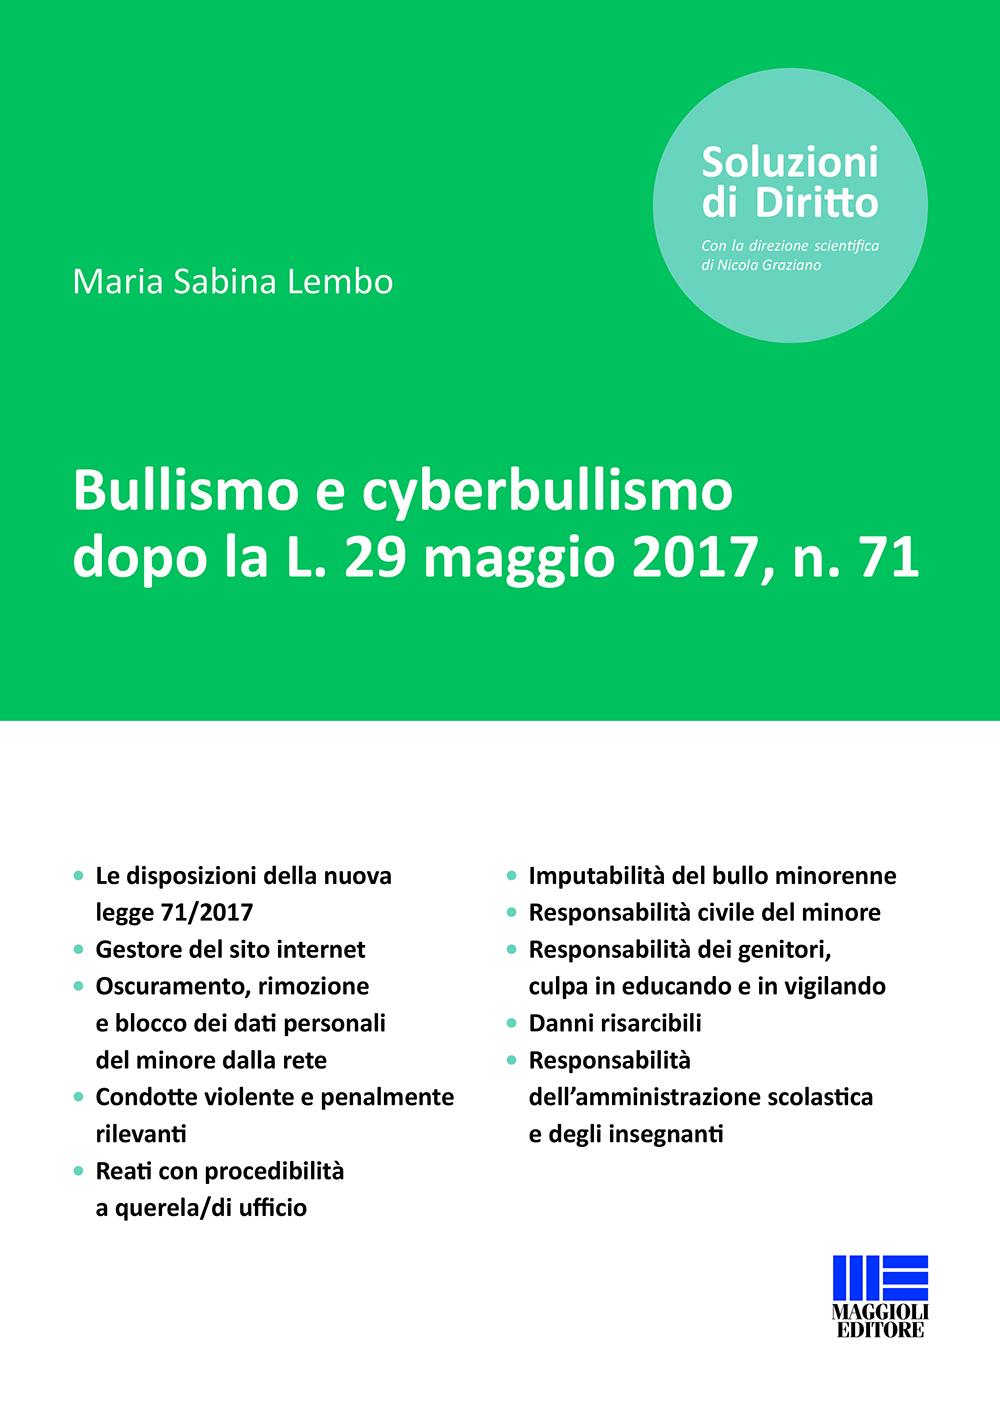 Un testo giuridico fondamentale per comprendere i fenomeni del bullismo, cyberbullismo, la culpa in organizzando, in vigilando ed educando.